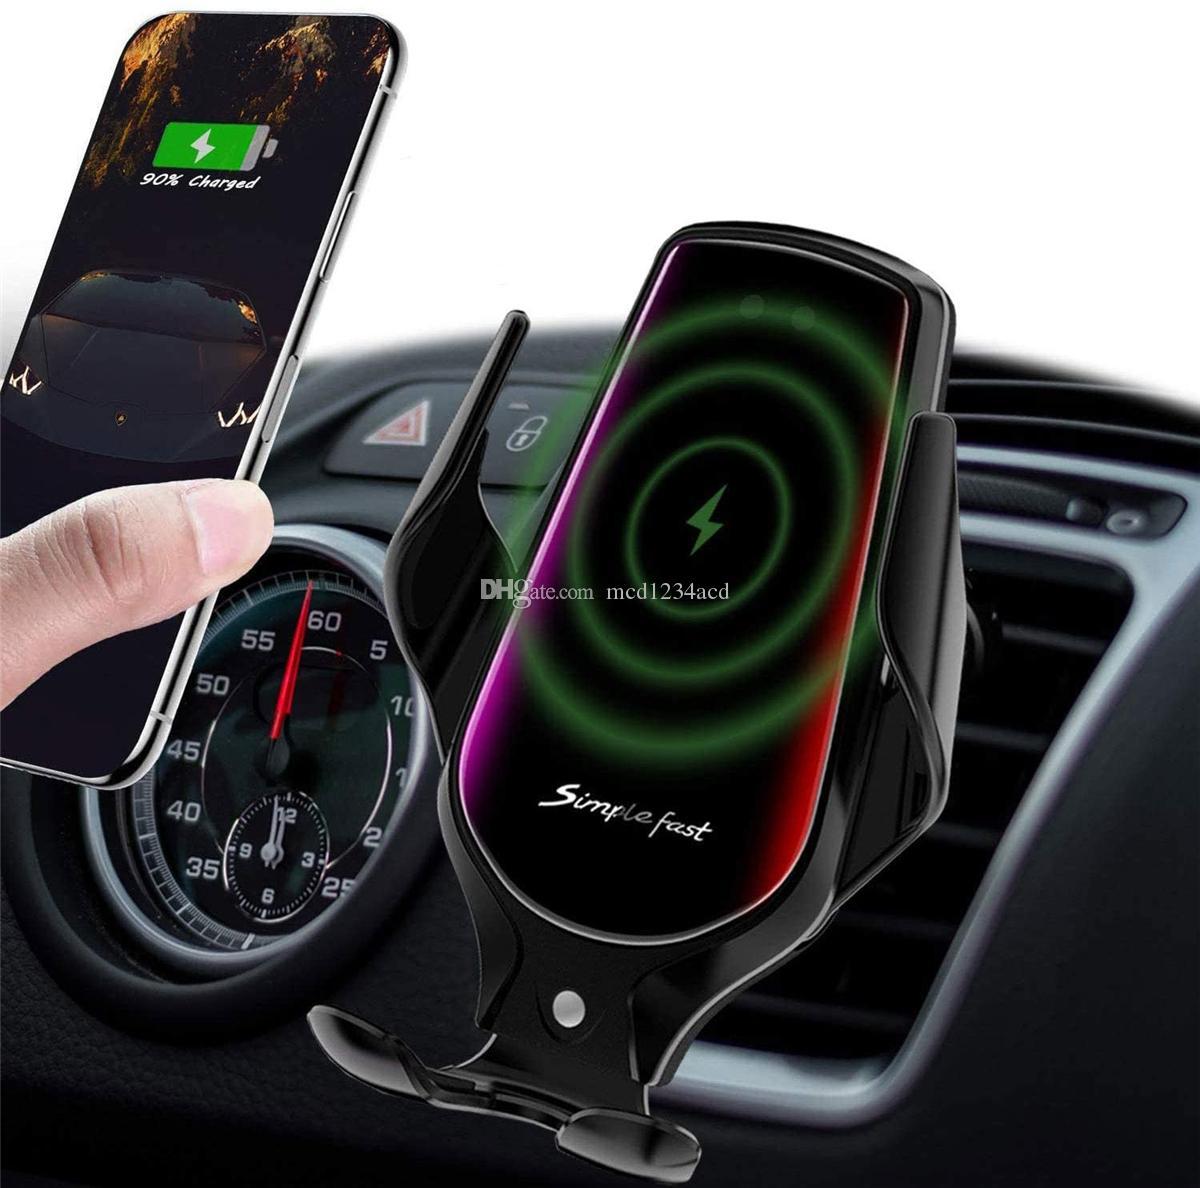 R3 Беспроводное зарядное устройство Smart Sensor Qi автомобиль телефона держатель для телефона для iPhone X XS XR 11 12 Pro Max Samsung Xiaomi зарядки